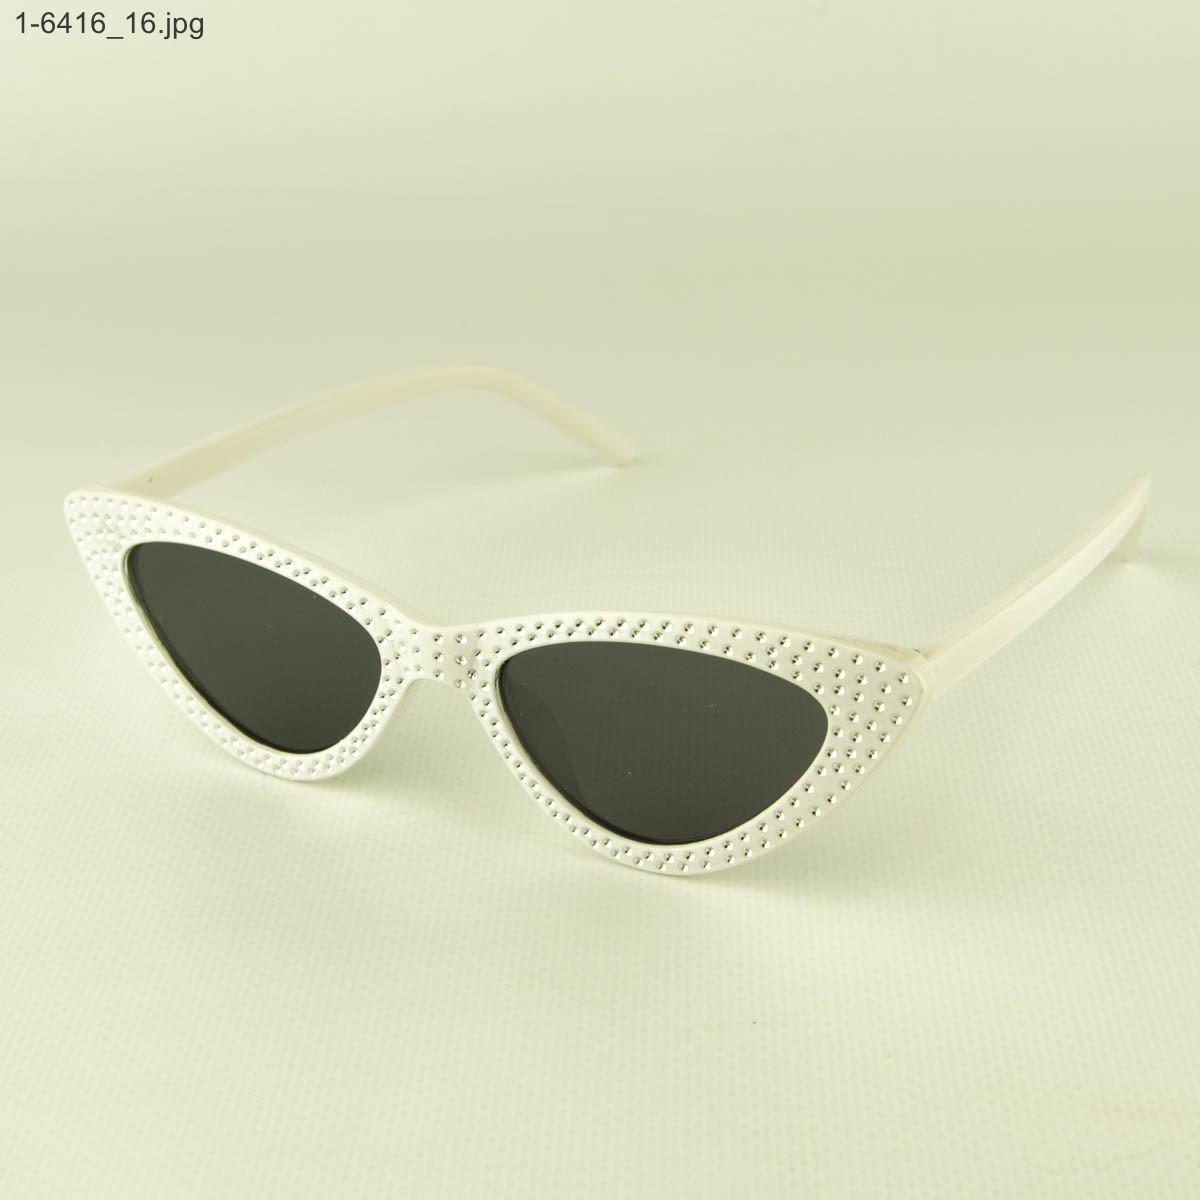 Женские очки кошачий глаз - Белые черными линзами - 1-6416